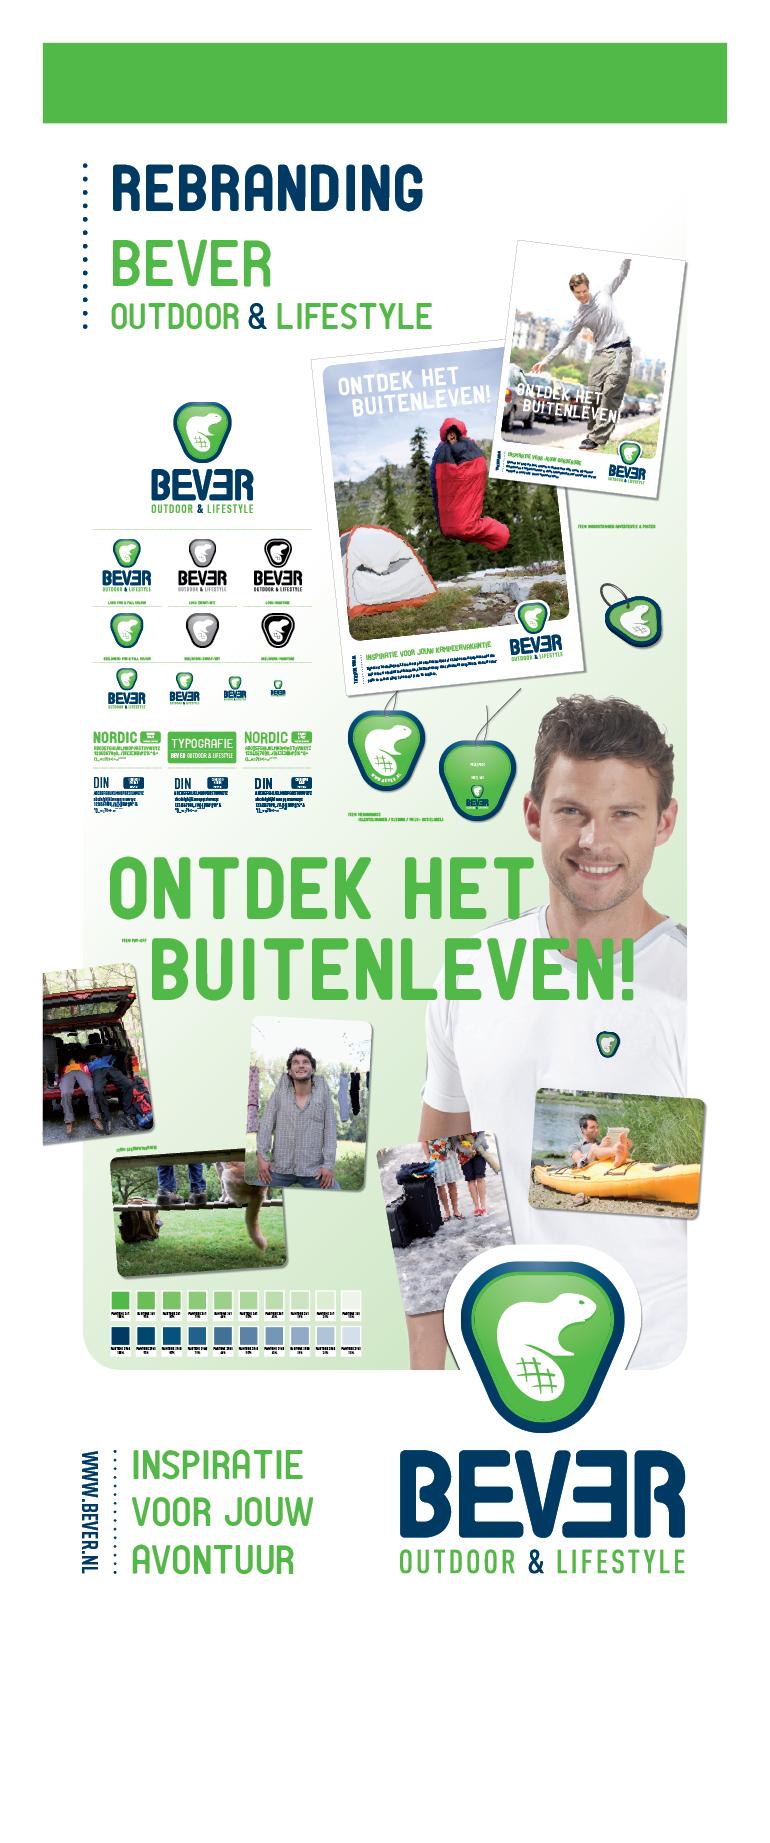 Bever Zwerfsport Schoudertas : Concept bever zwerfsport portfolio patriek pelzers